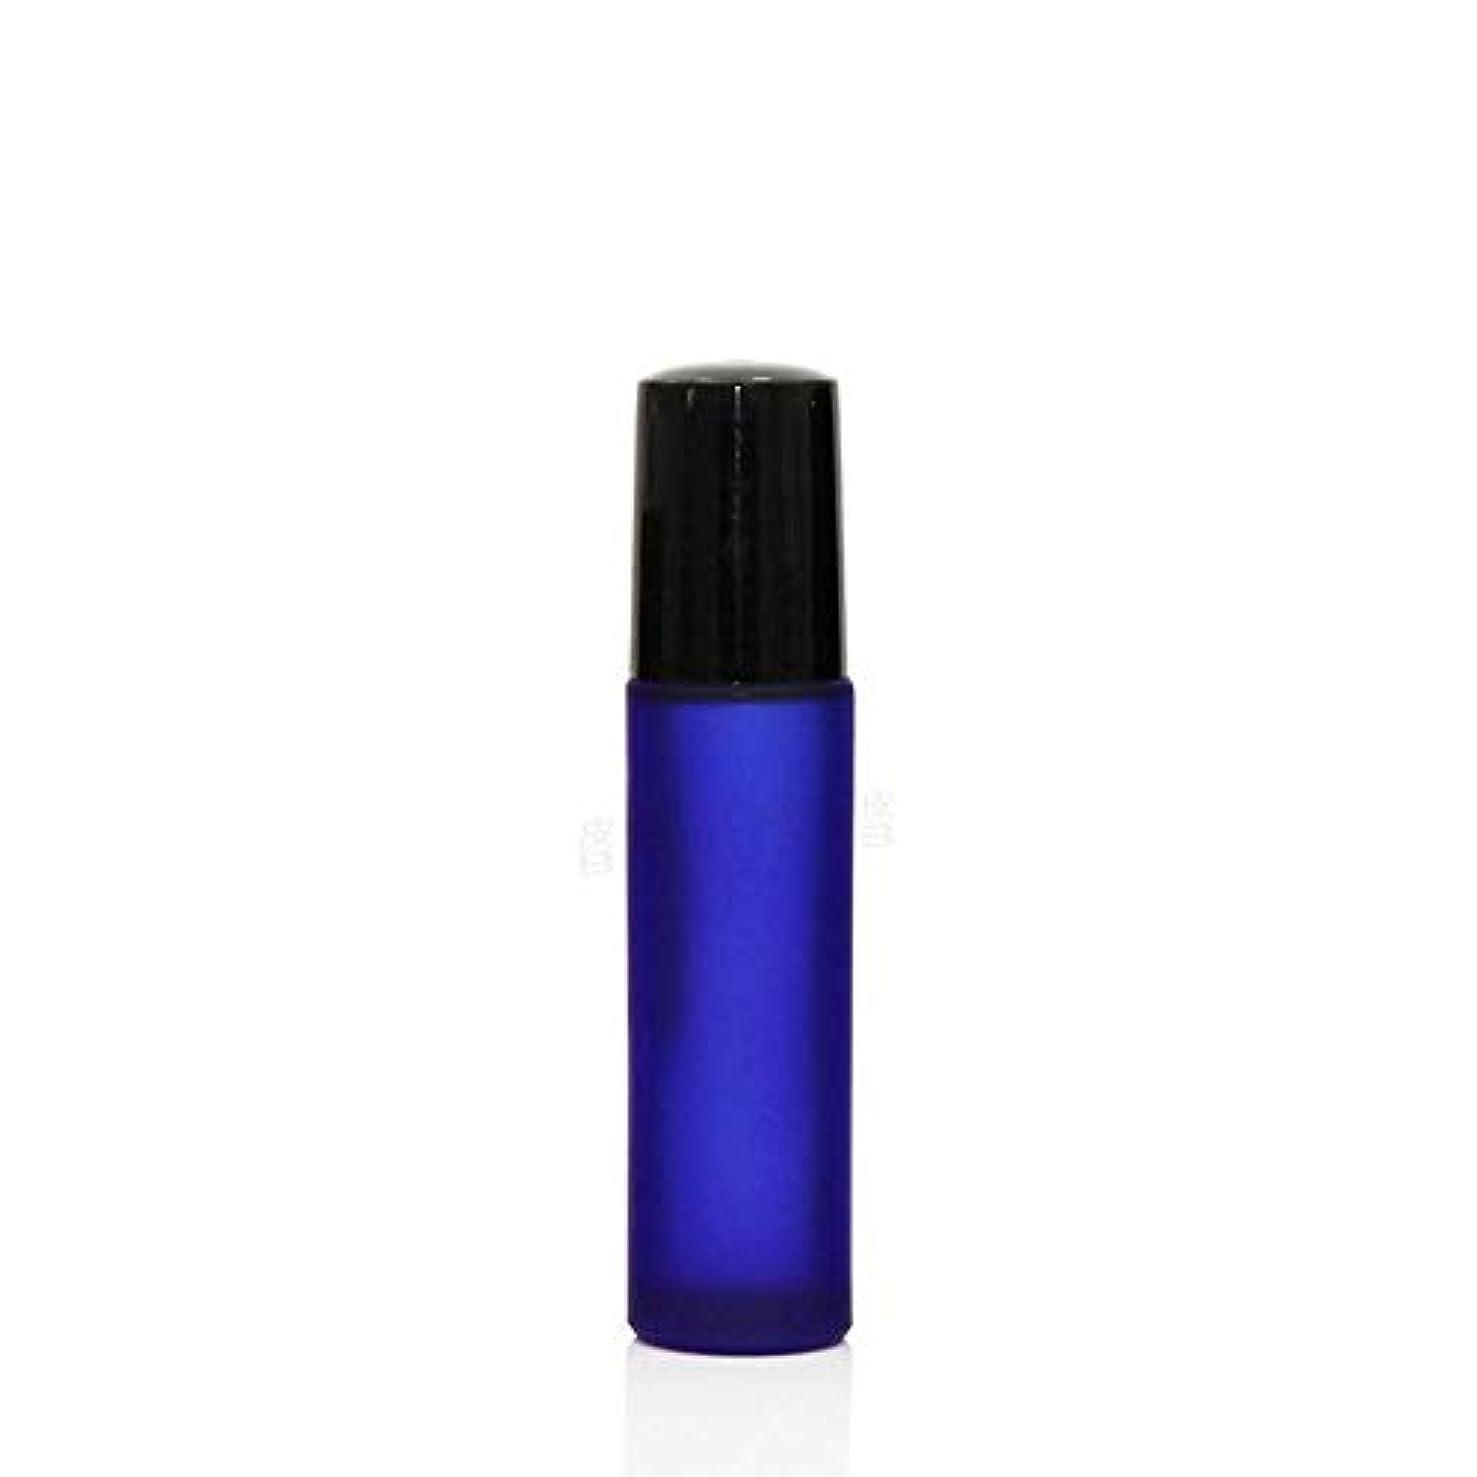 ヒューバートハドソン白雪姫村Simg ロールオンボトル アロマオイル 精油 小分け用 遮光瓶 10ml 10本セット ガラスロールタイプ (ブルー)